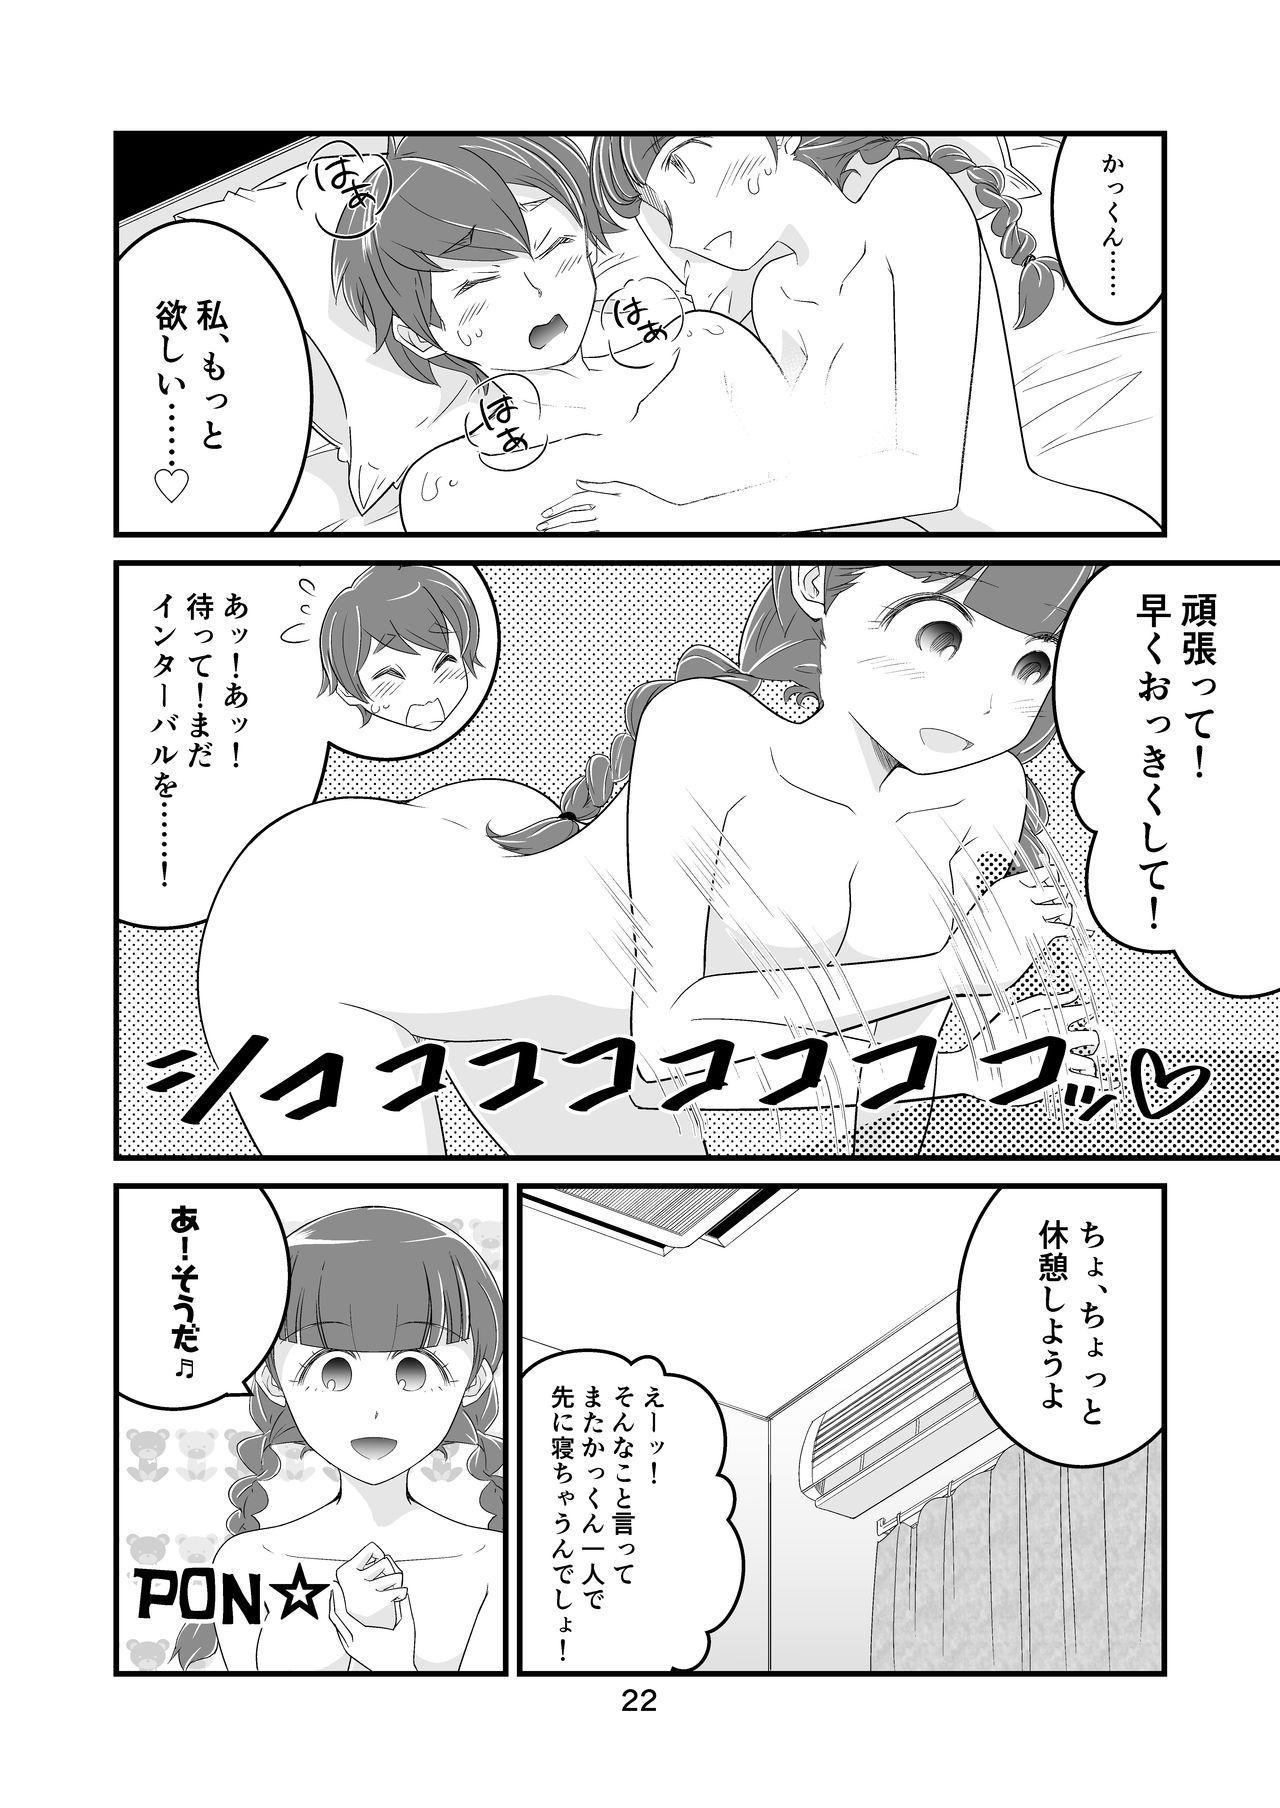 Watamote Seishun Omnibus 21